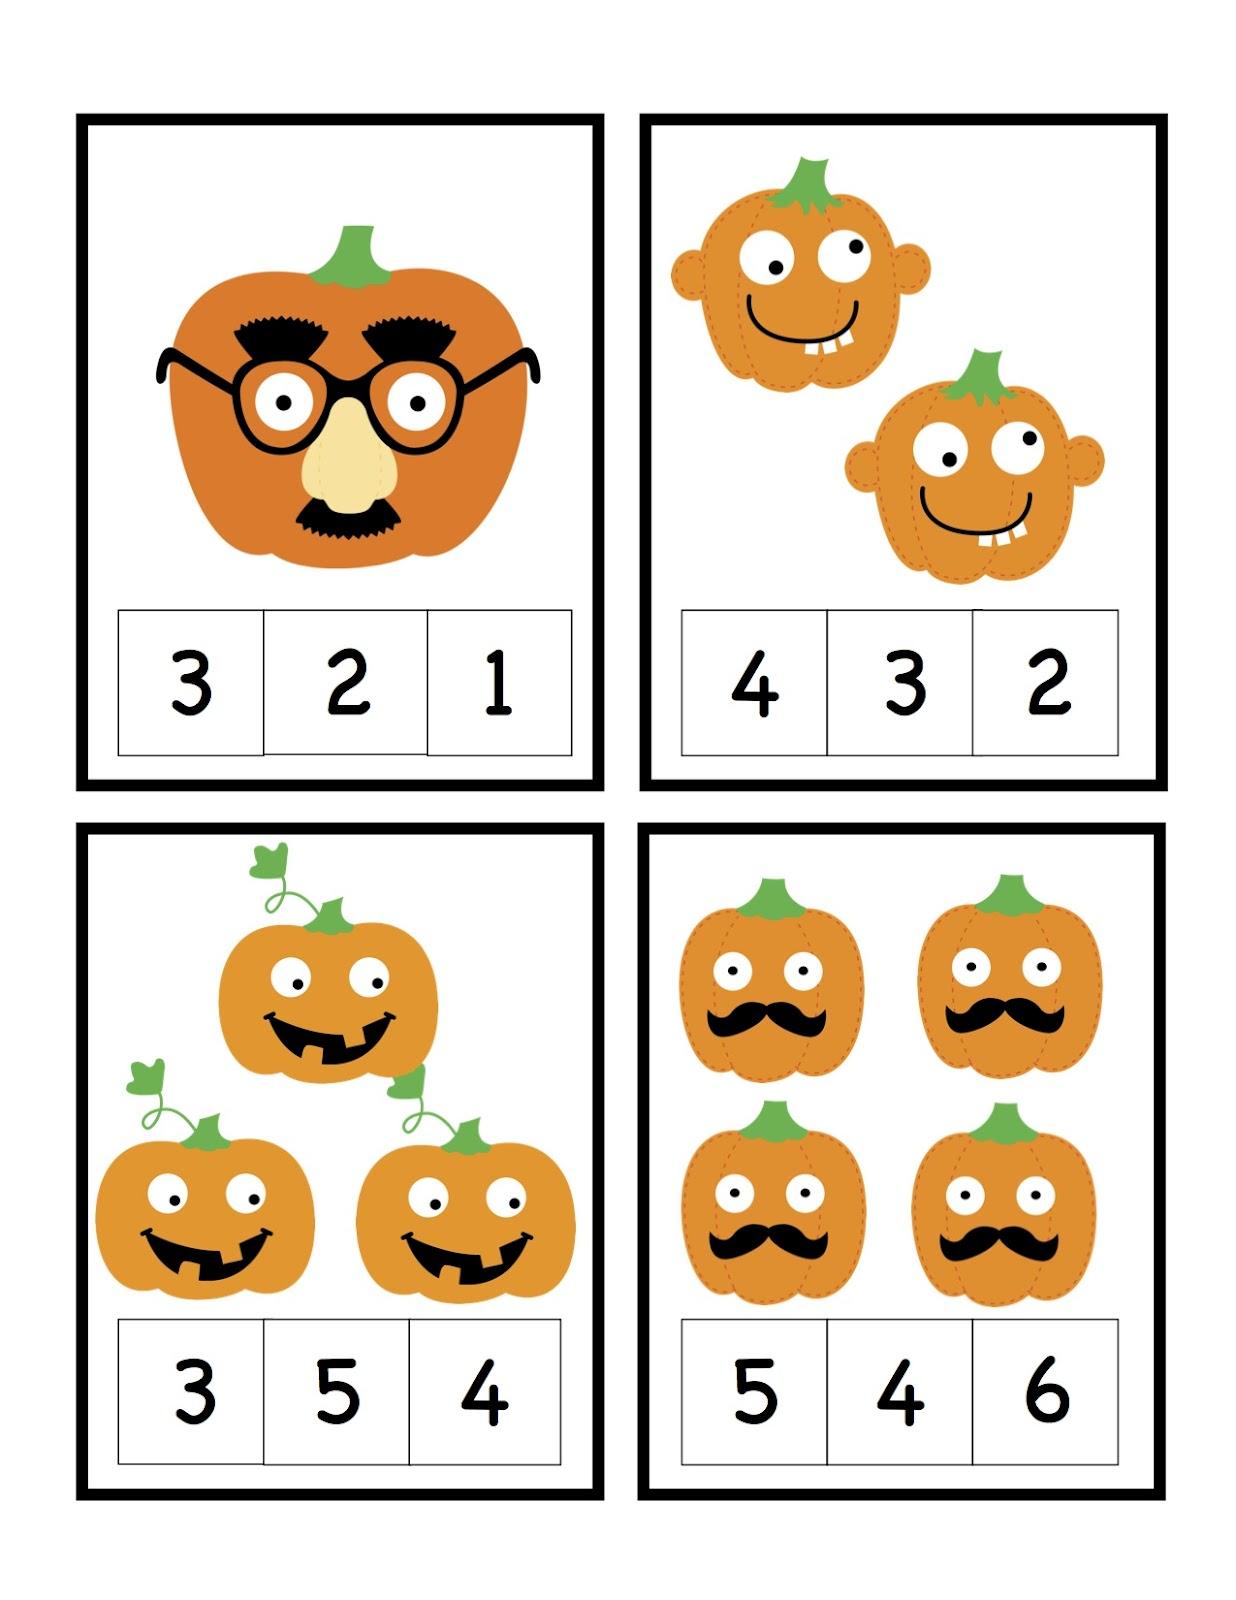 Pumpkin Worksheets for Kindergarten Images & Pictures - Findpik